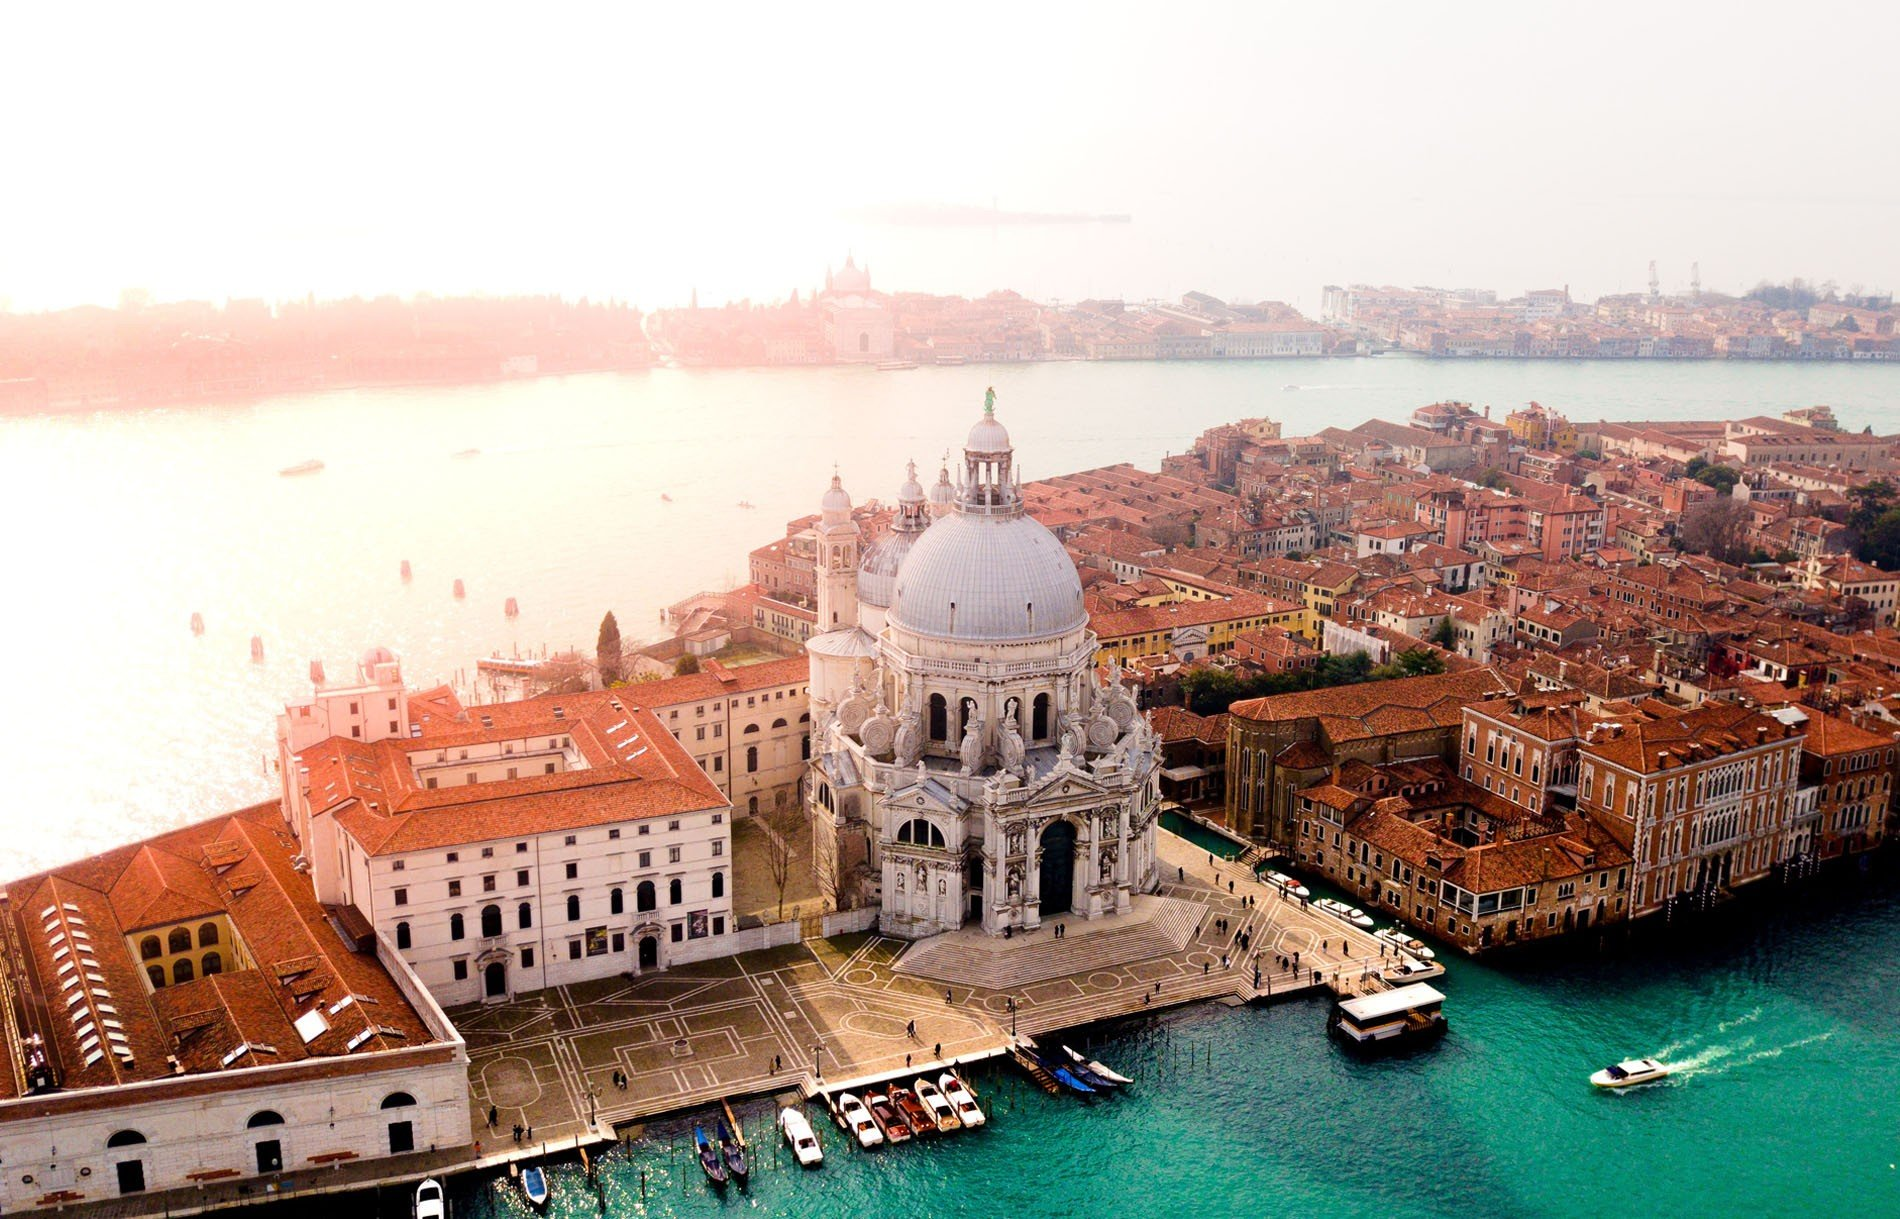 Hình ảnh Venice nhìn từ trên cao